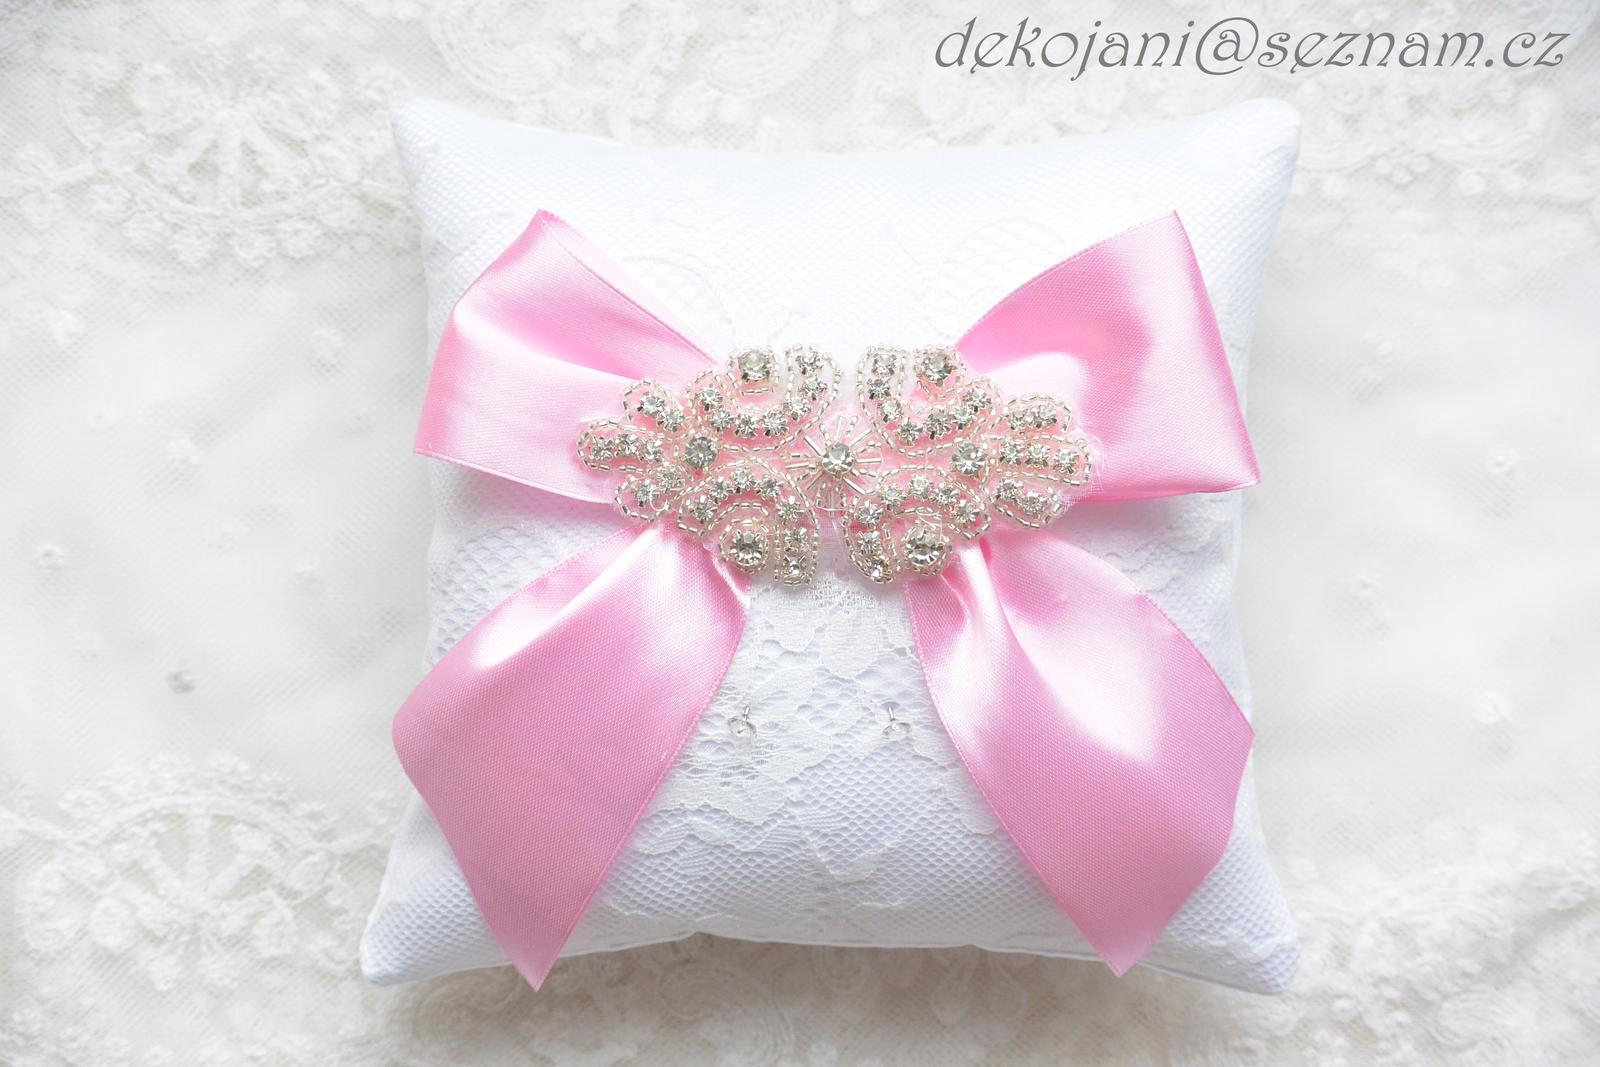 Luxusní svatební polštářek pod prstýnky - Obrázek č. 1